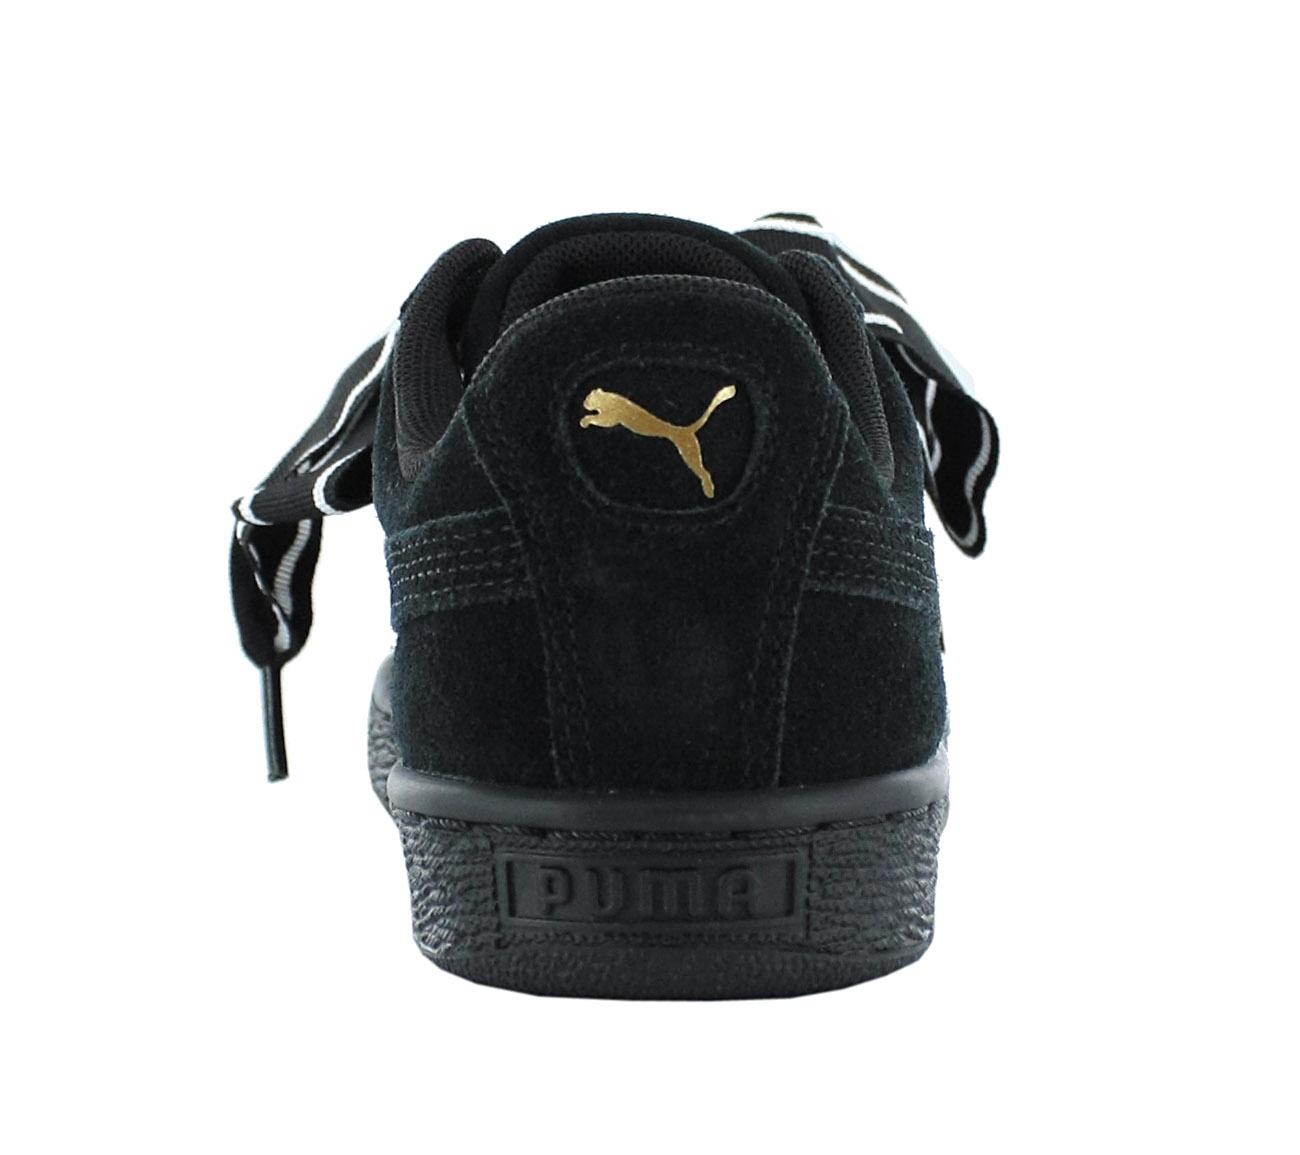 NEU Damen Puma Suede Heart Satin 2 Damen NEU Schuhe Schwarz 364084-01 SALE 253909